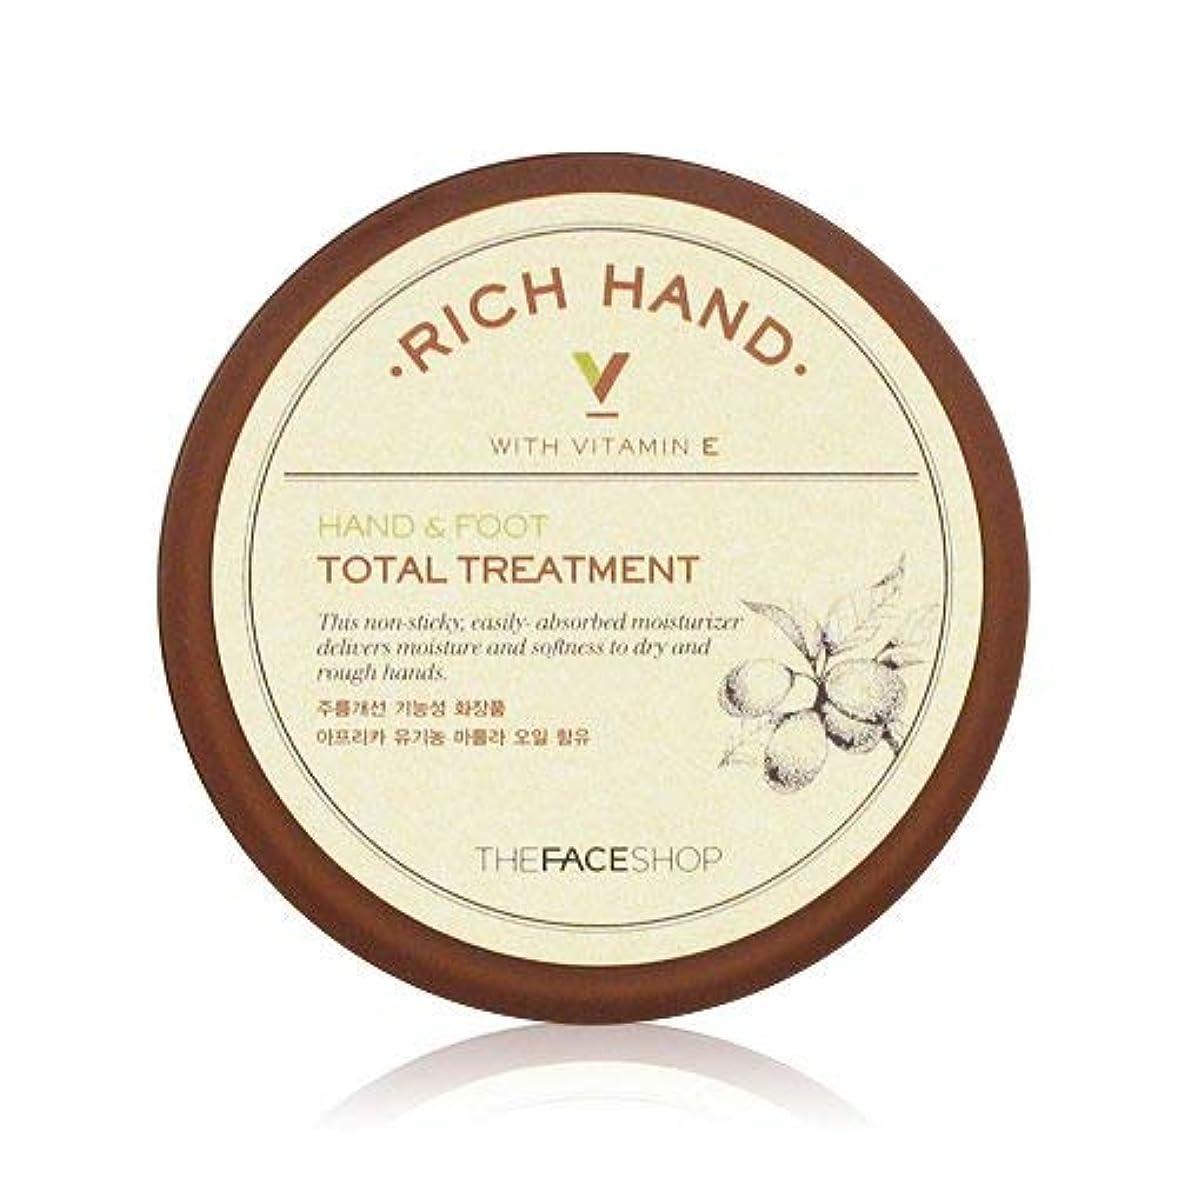 解体するストライクホースTHE FACE SHOP Rich Hand V Hand and Foot Total Treatment ザフェイスショップ リッチハンド V ハンド? フット トータルトリートメント [並行輸入品]